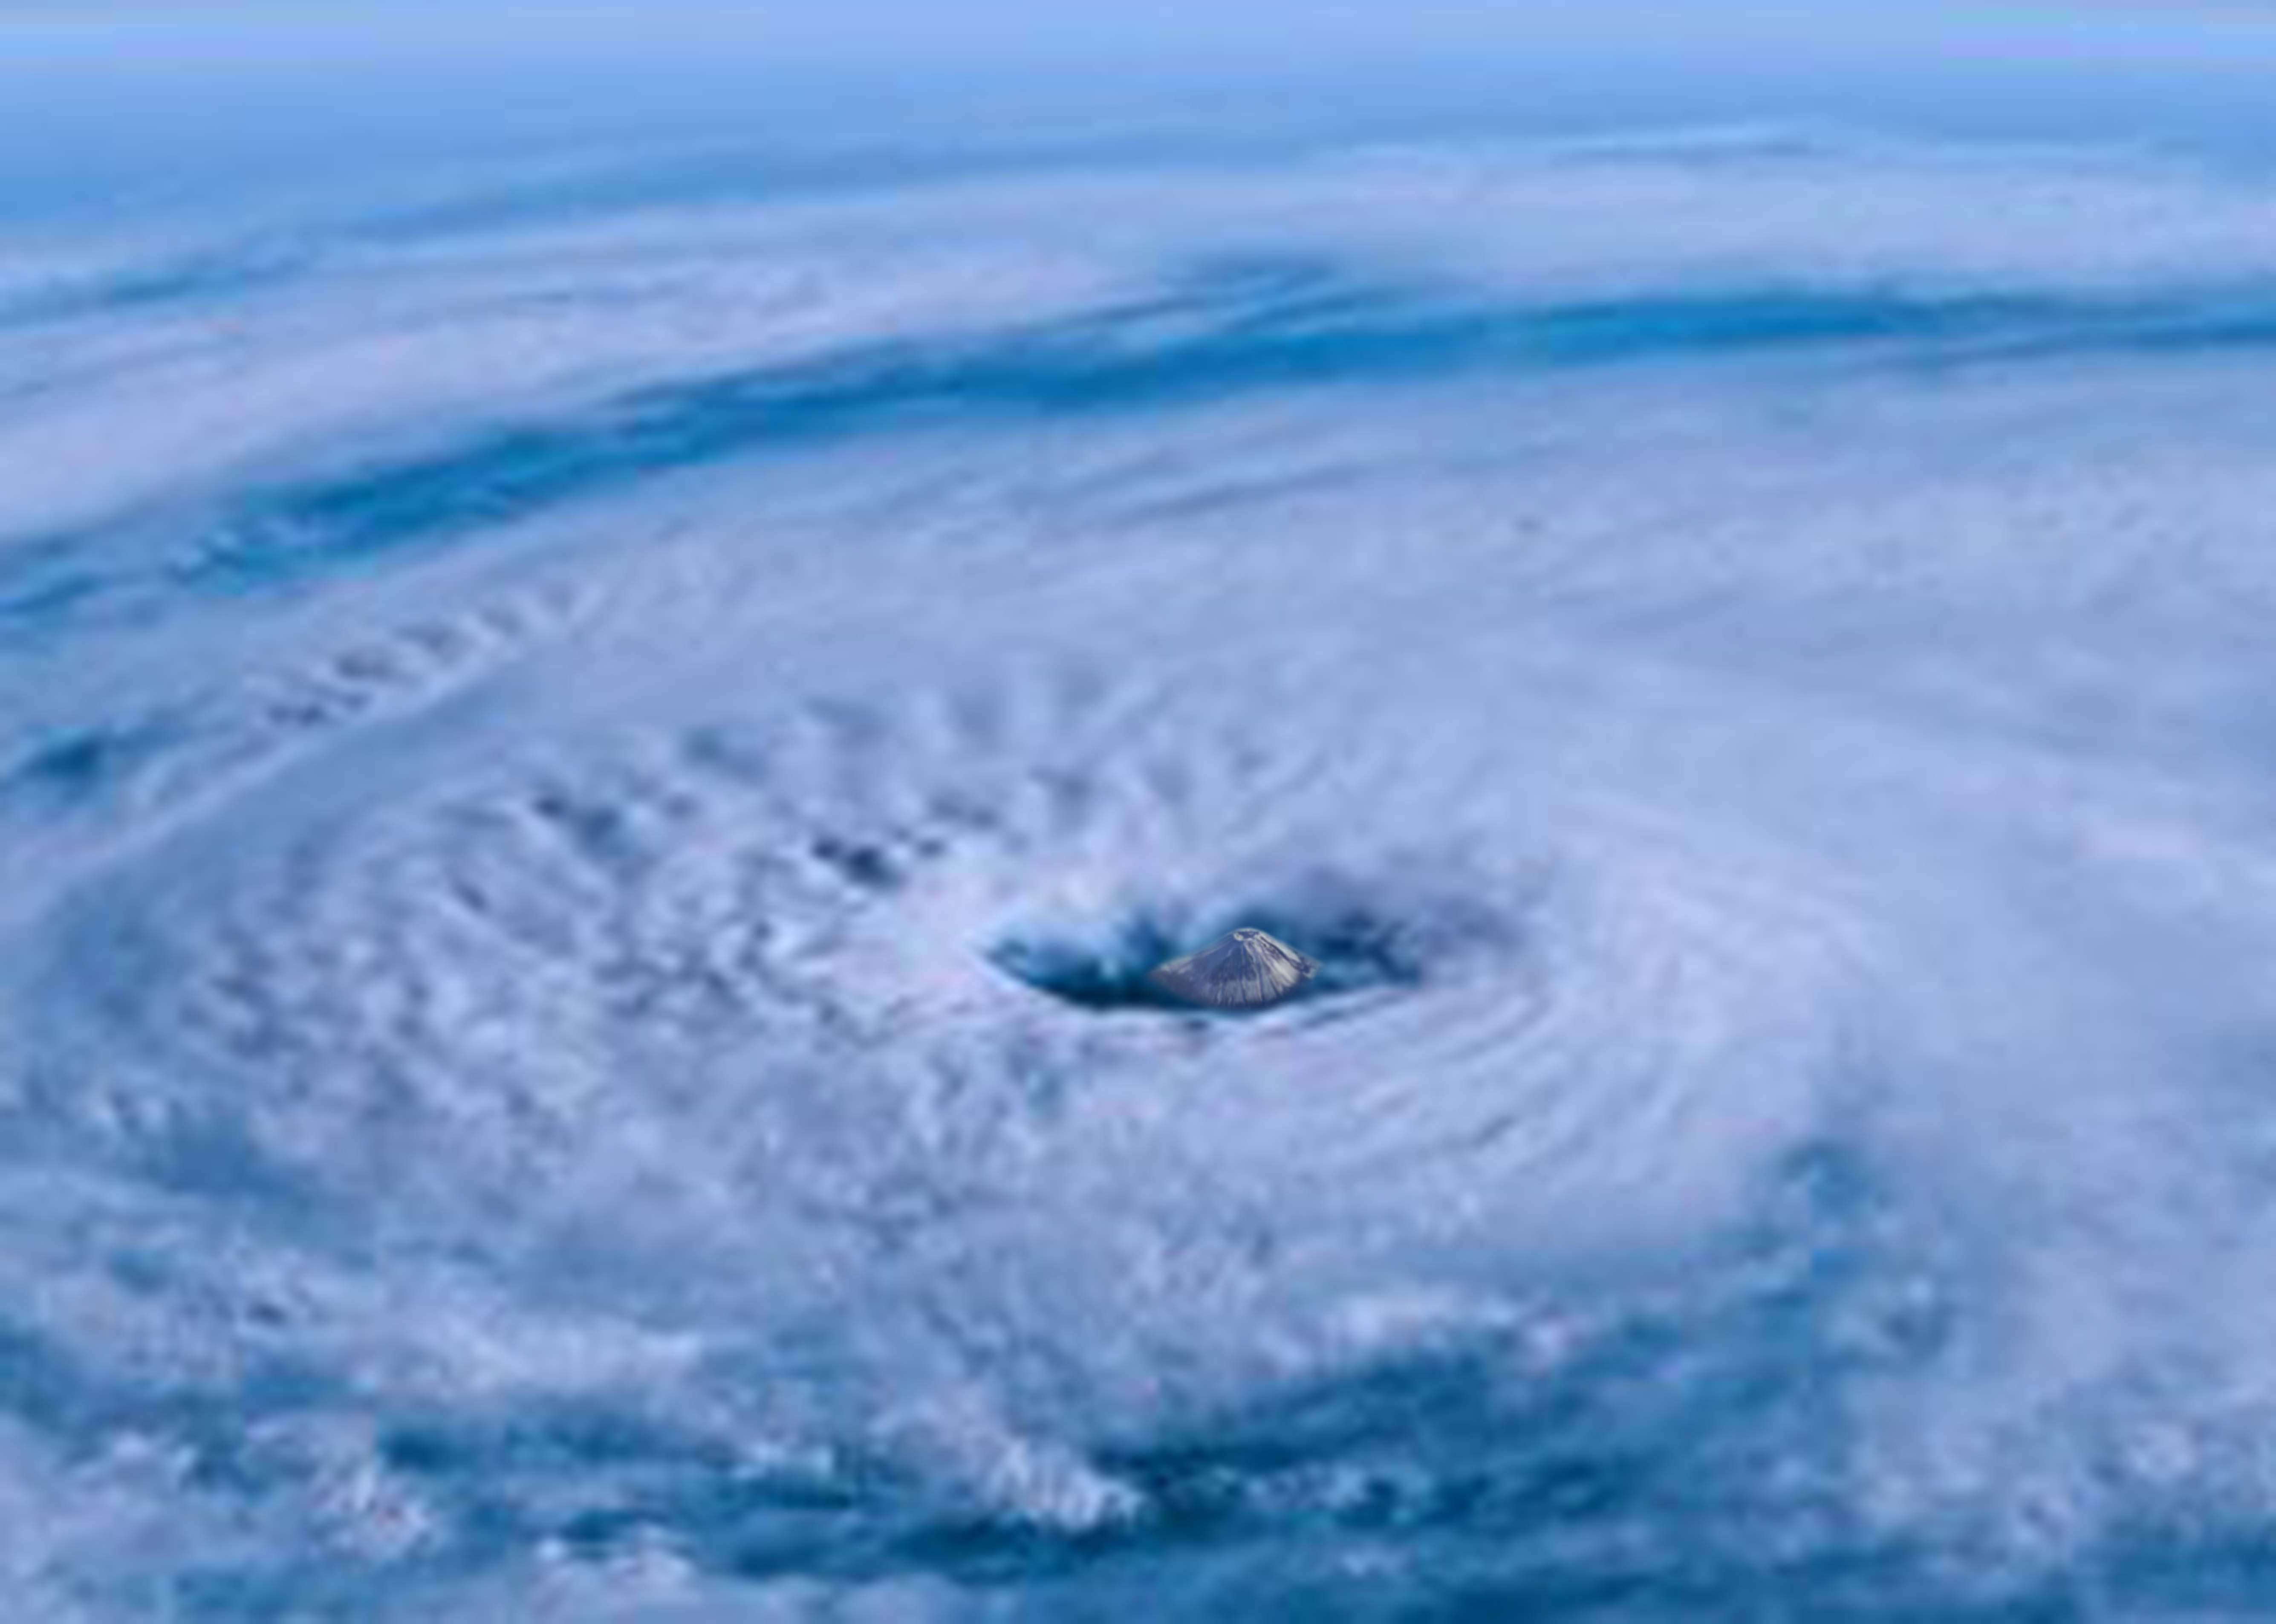 台風を超えて:実現のイメージ_c0052876_1343277.jpg